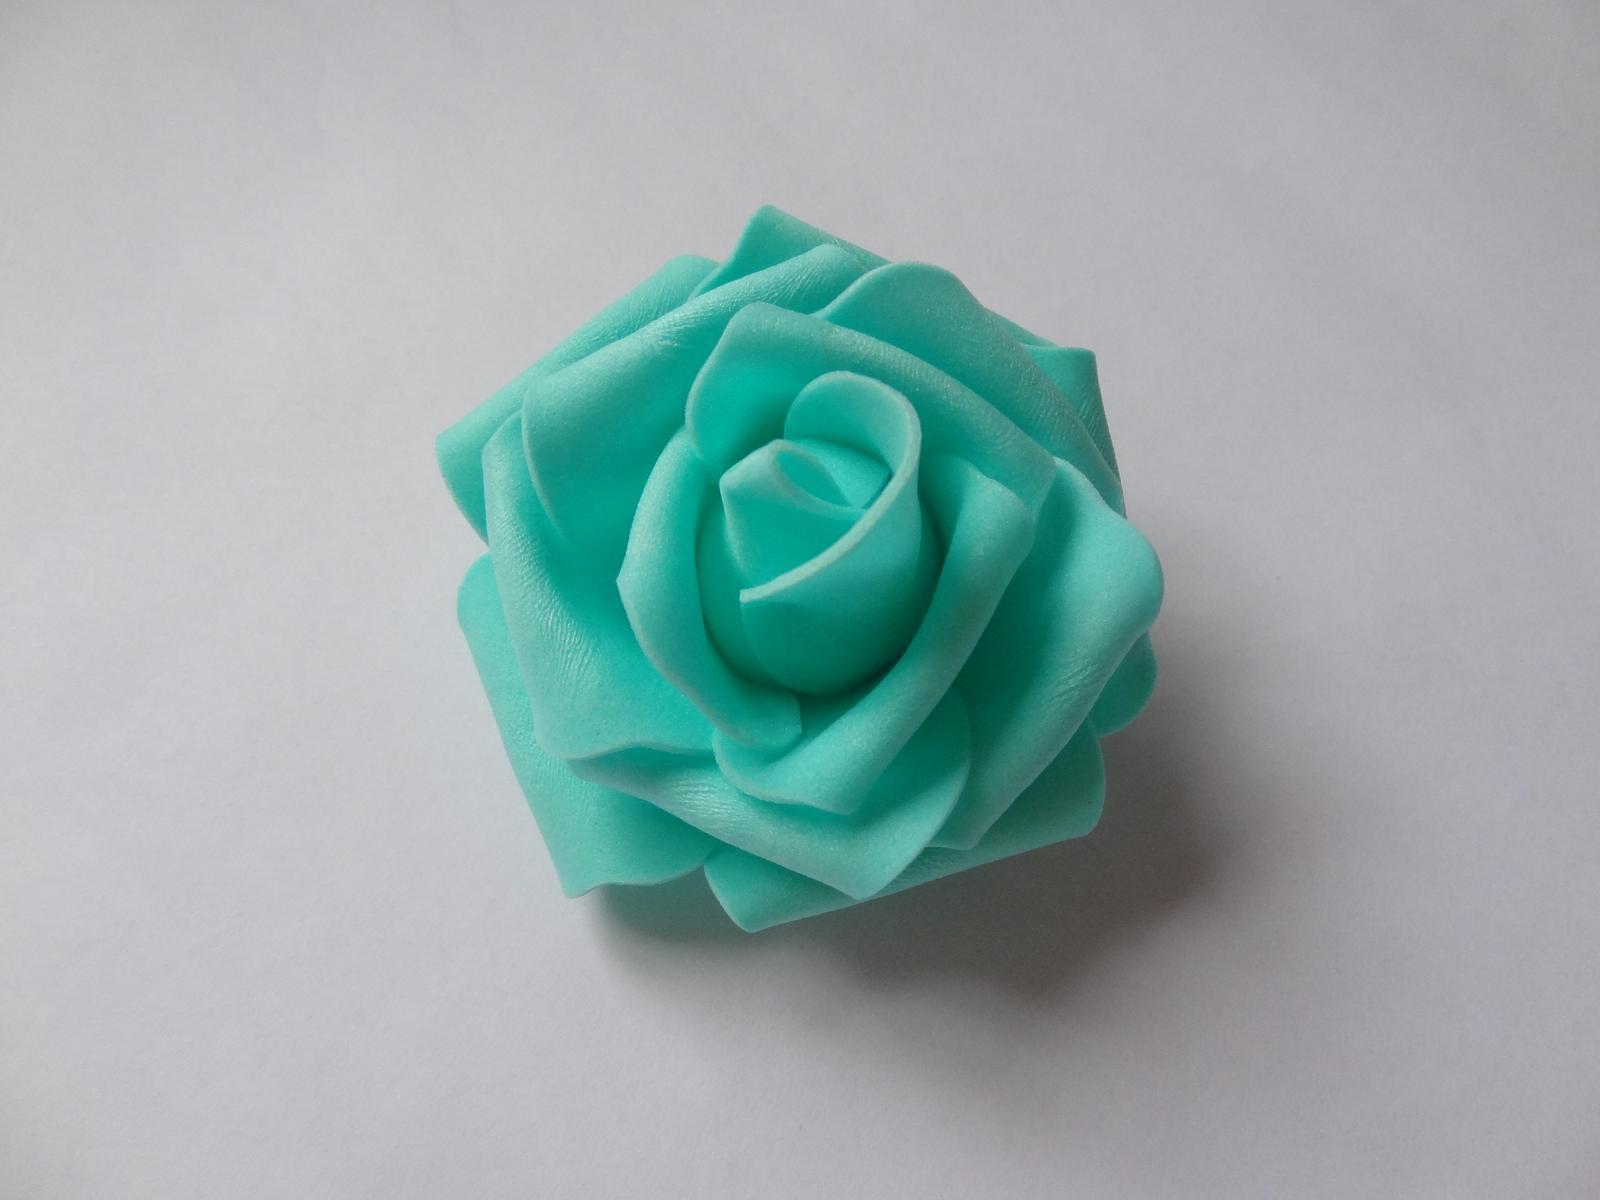 Pěnové růže 6cm - Obrázek č. 3